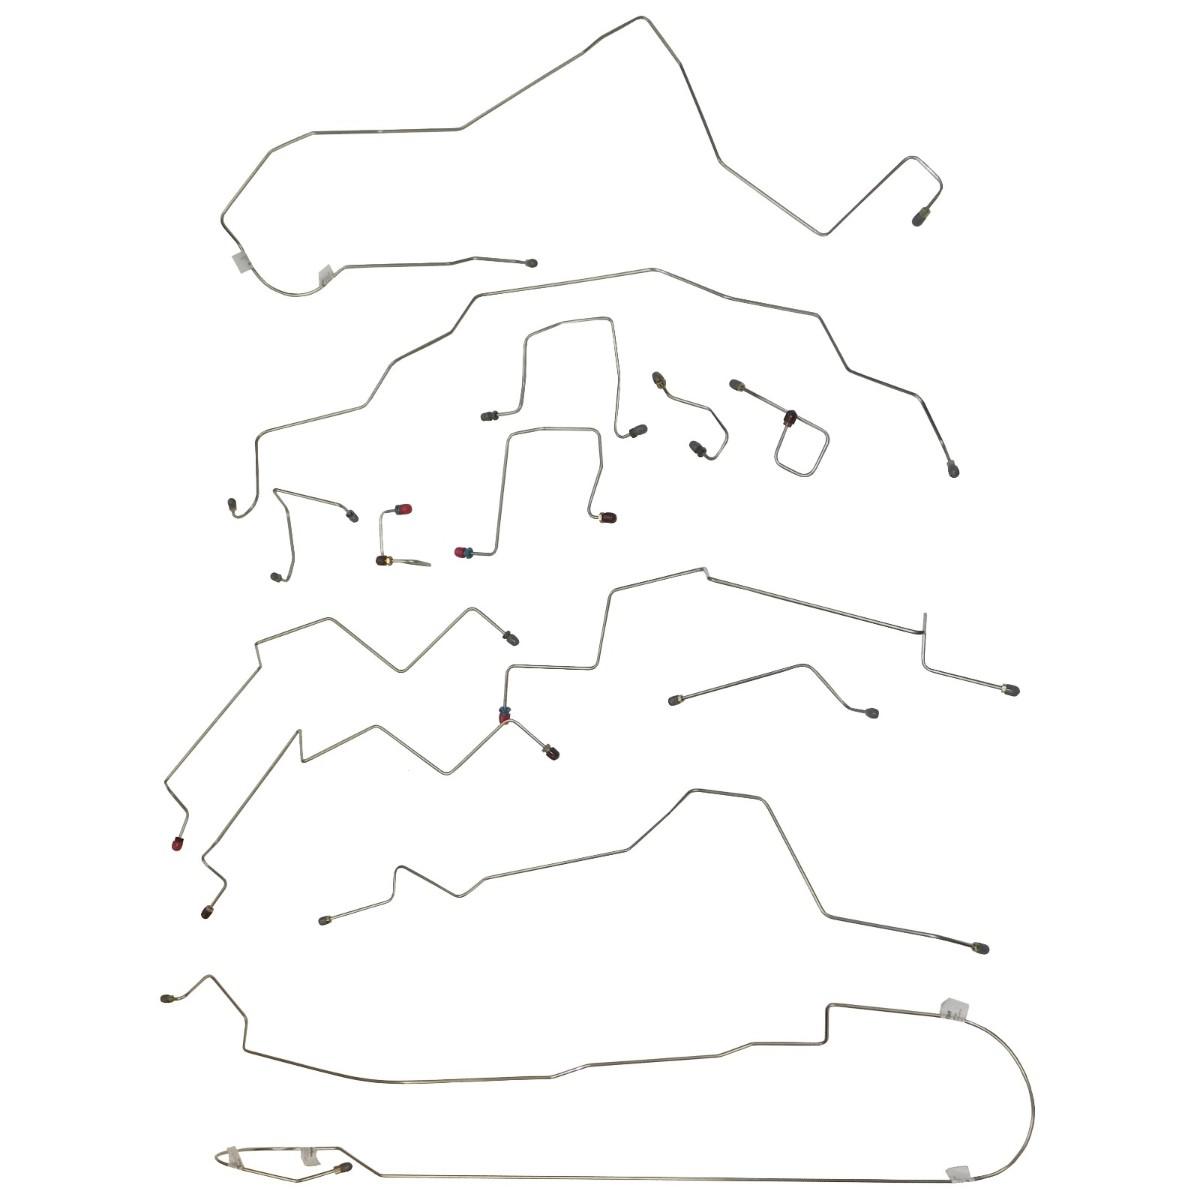 1998 Dodge Ram 2500 Brake Line Diagram